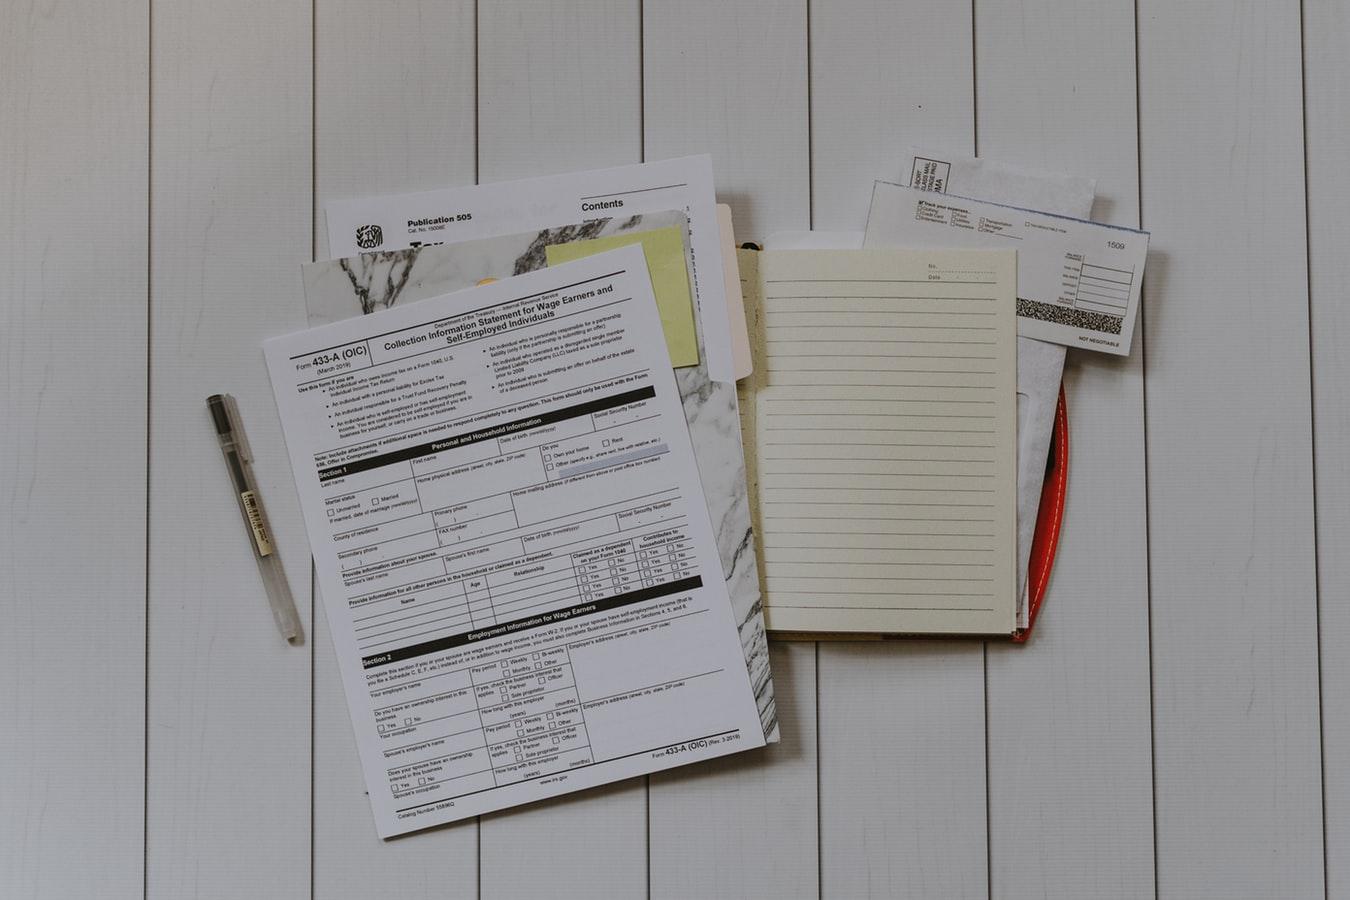 Sửa quy định về khống chế trần lãi vay như thế nào?